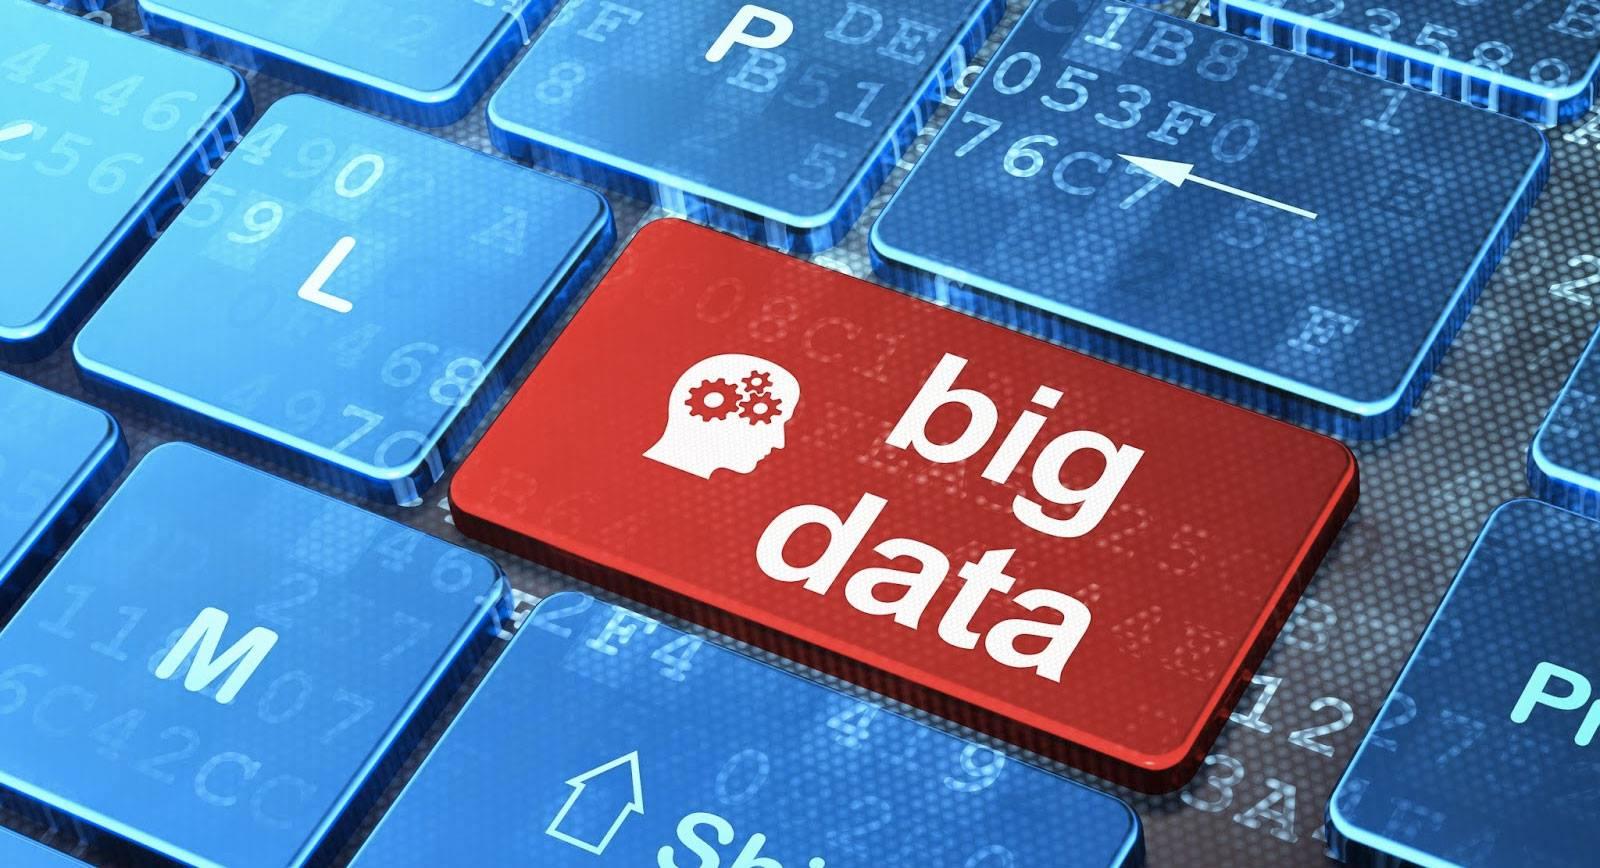 Compagnie assicurative italiane, il 17% della spesa IT è destinato a big data e advanced analytics